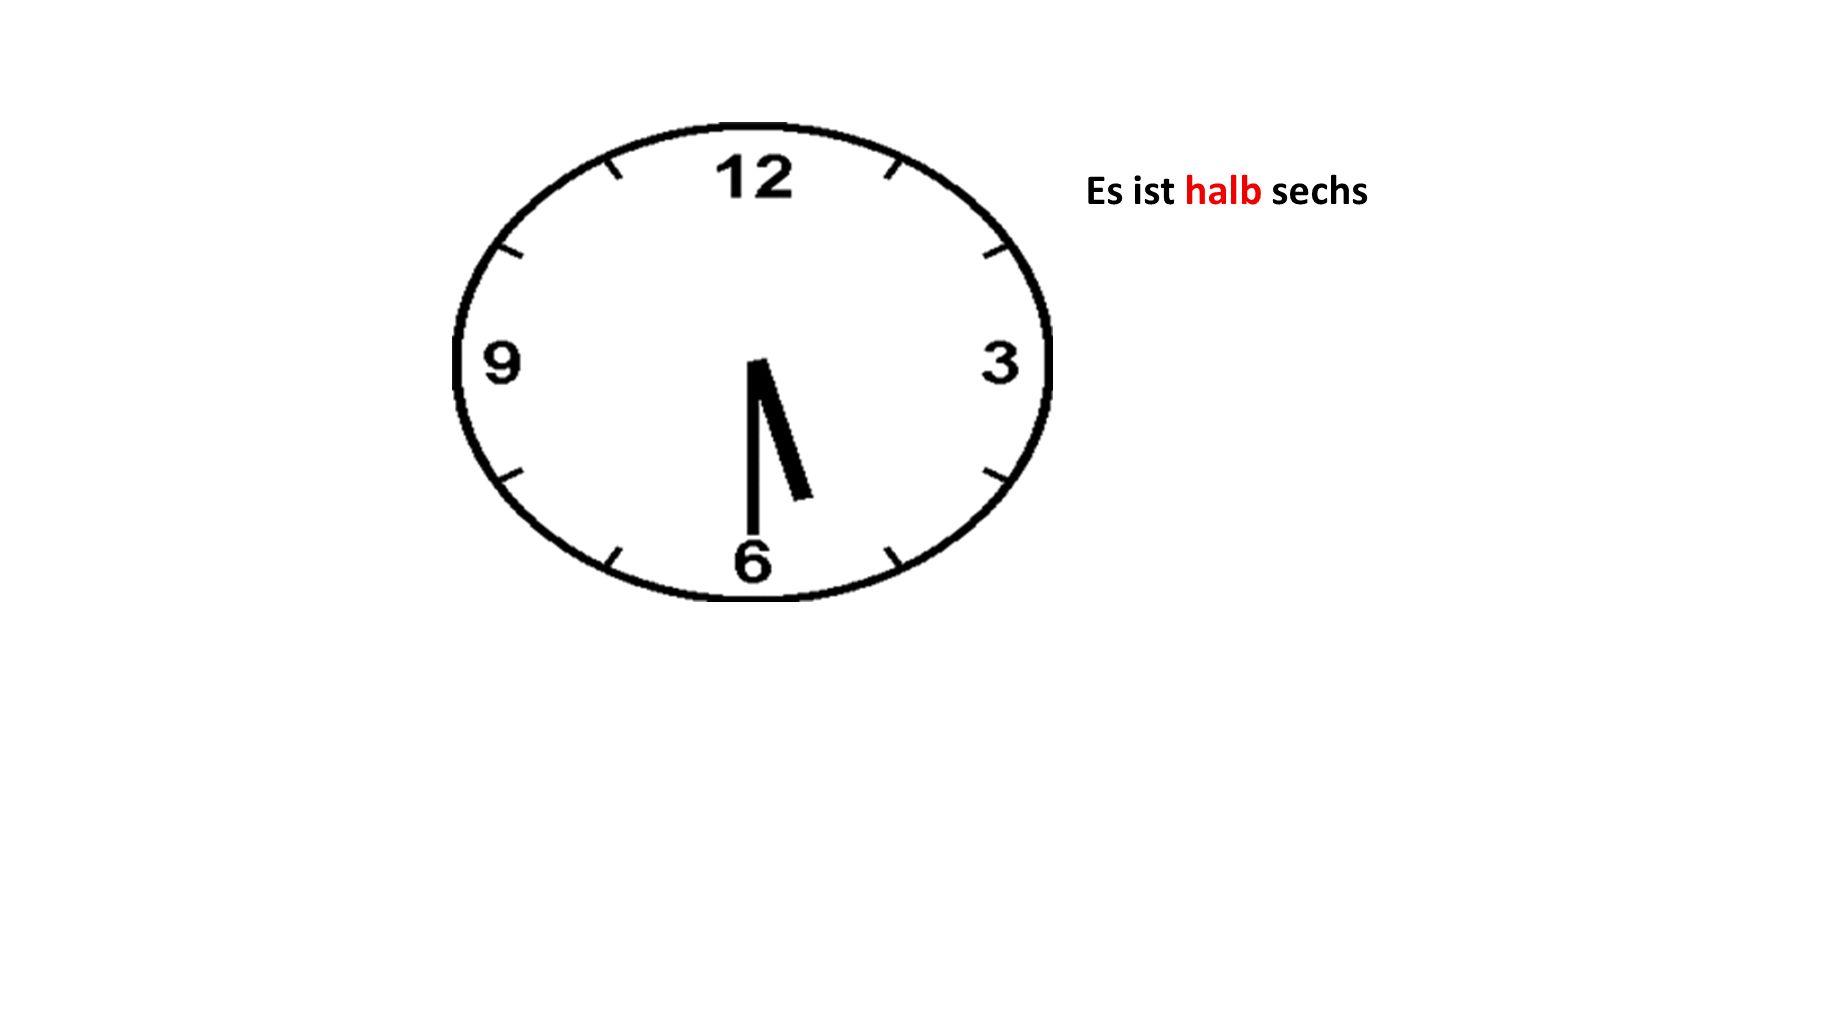 Es ist neunzehn Uhr siebzehn